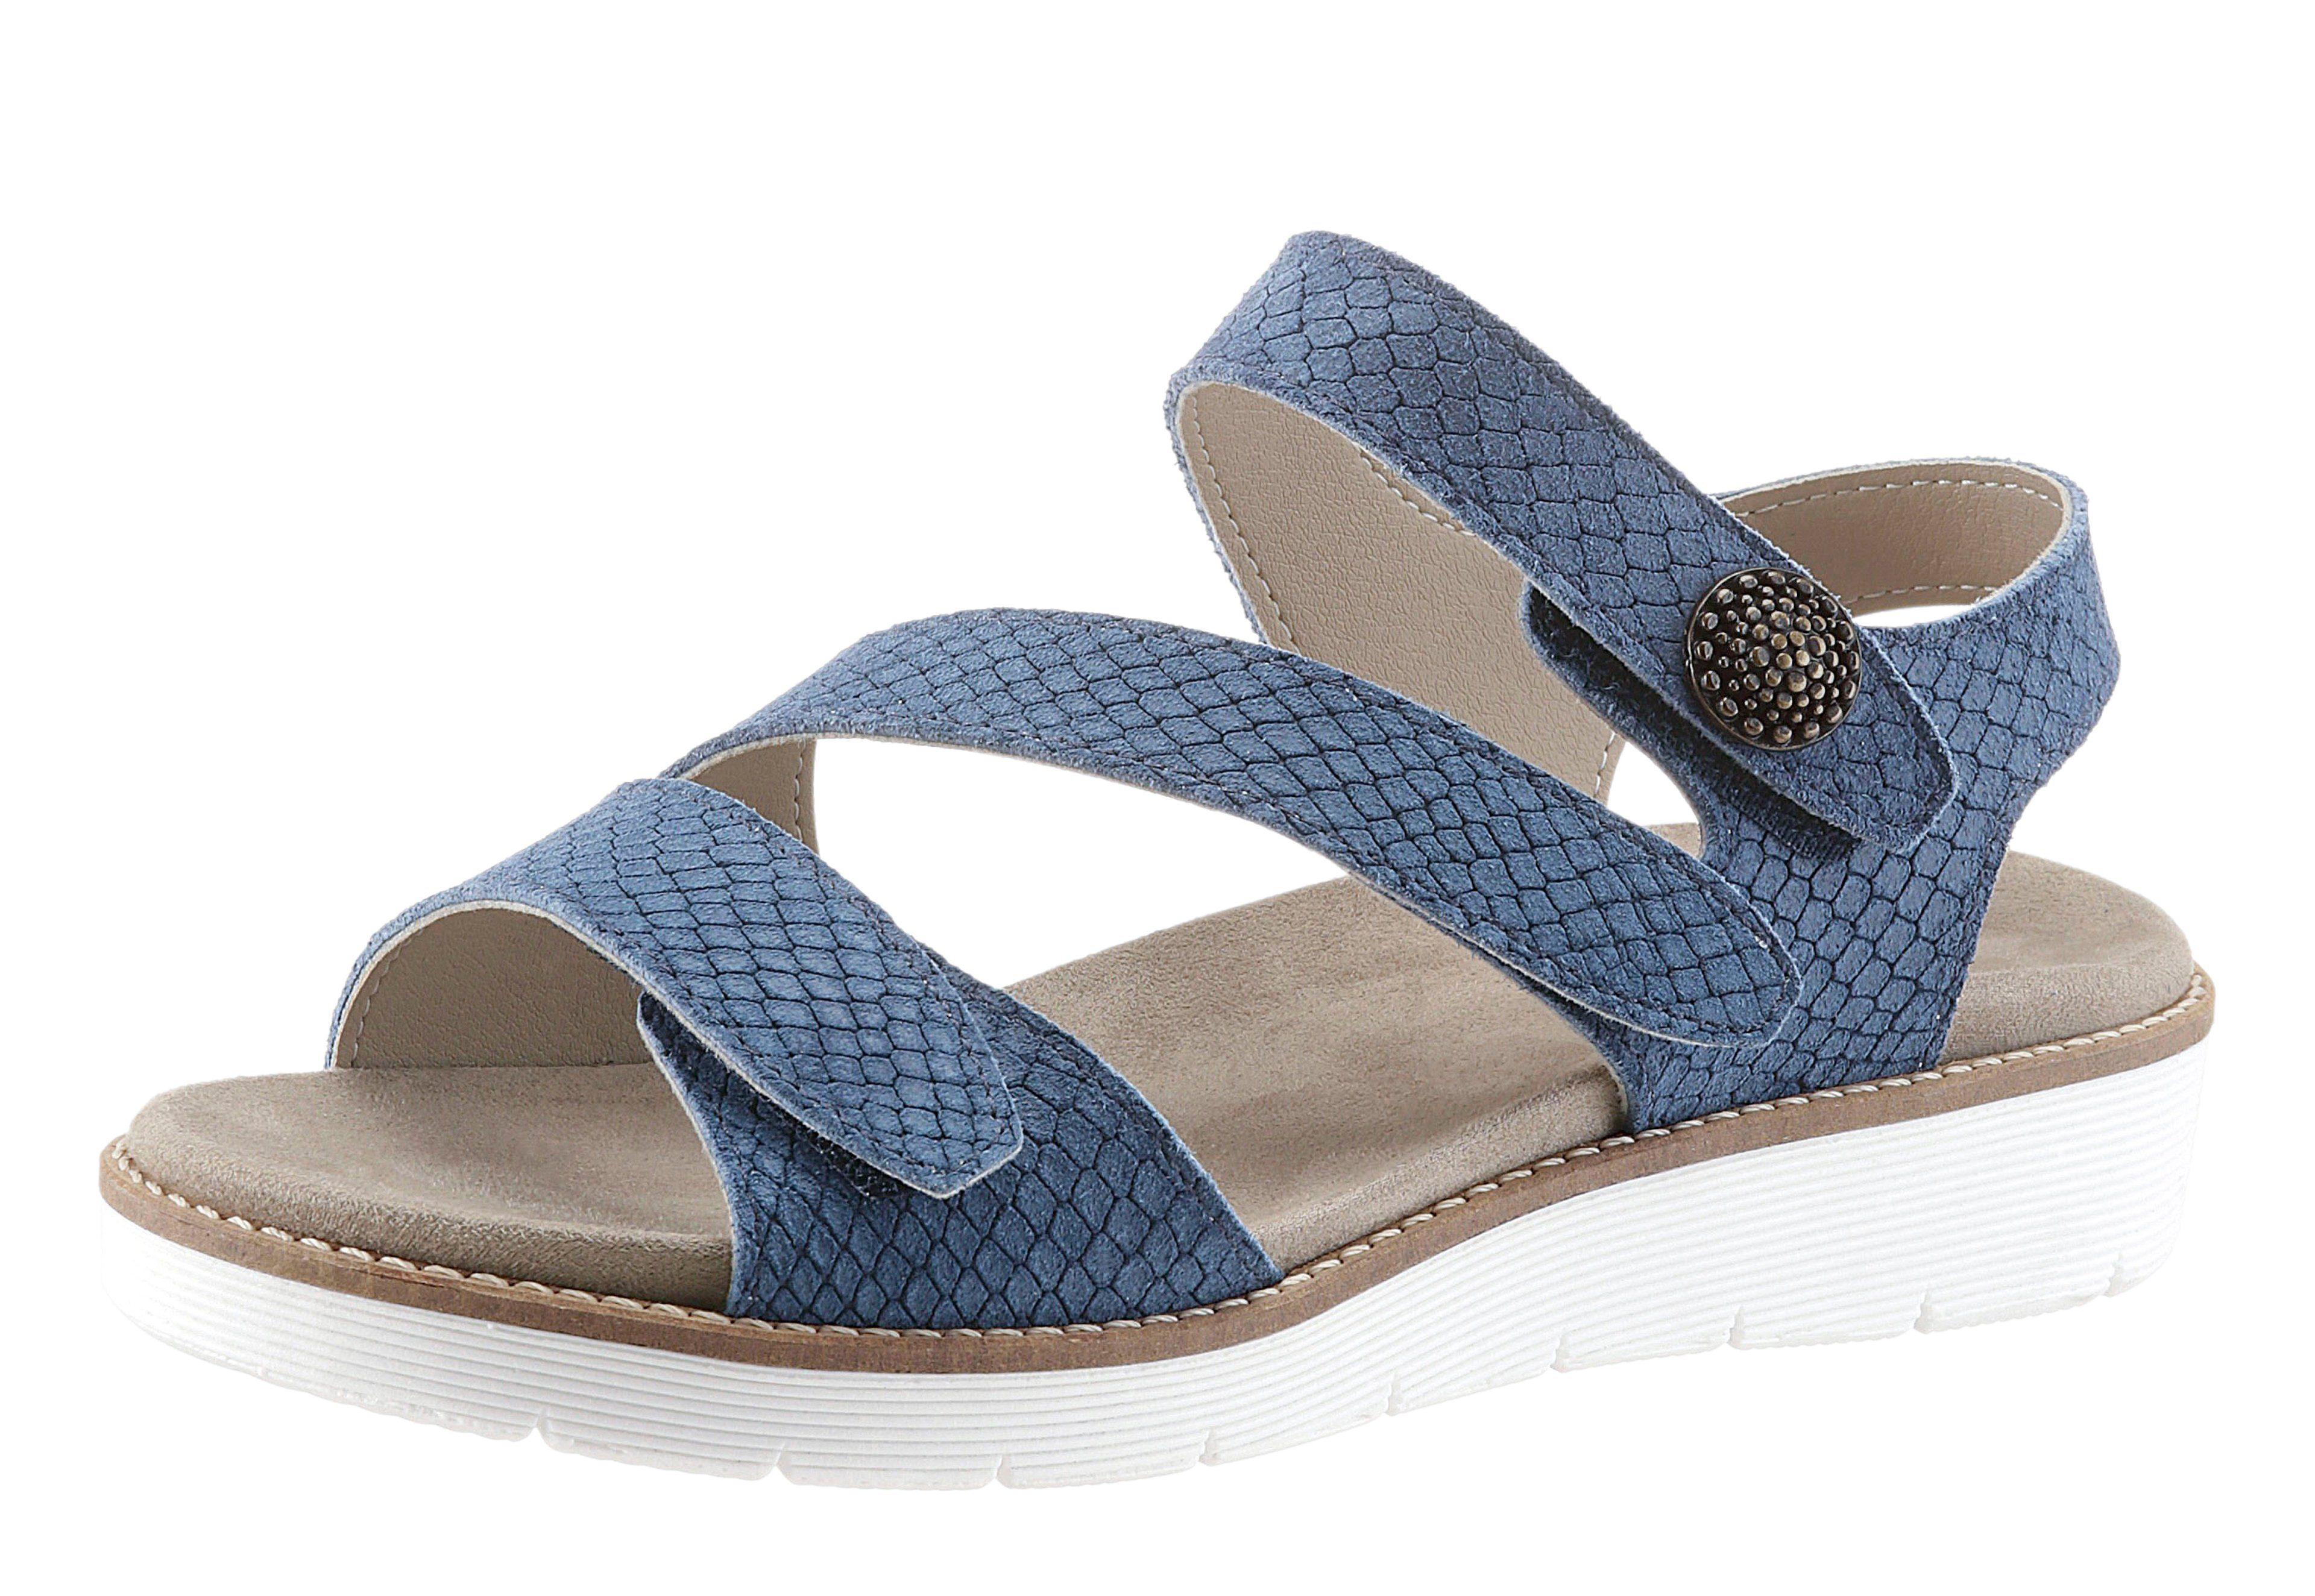 Aco Sandalette blau c3JKx